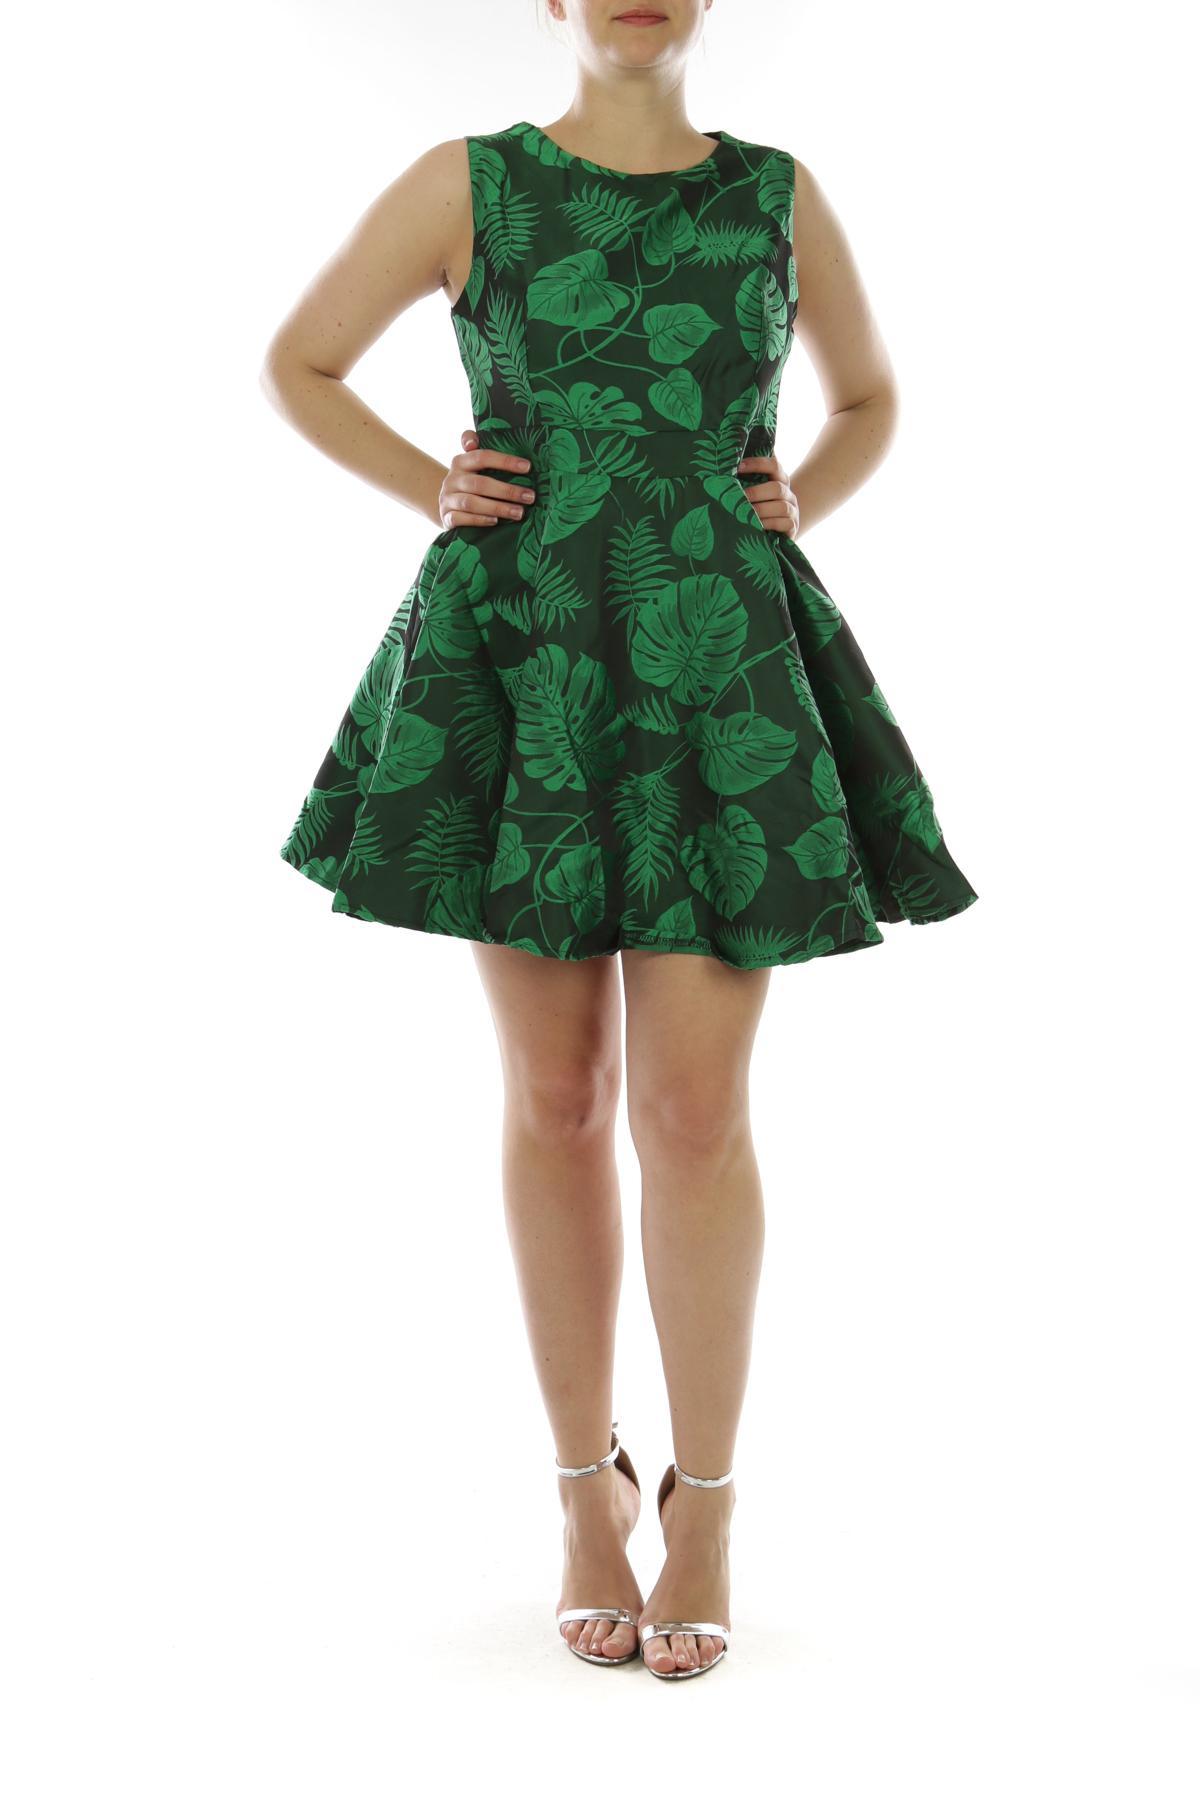 Robes Femme Vert GO POMELO 18022 #c eFashion Paris